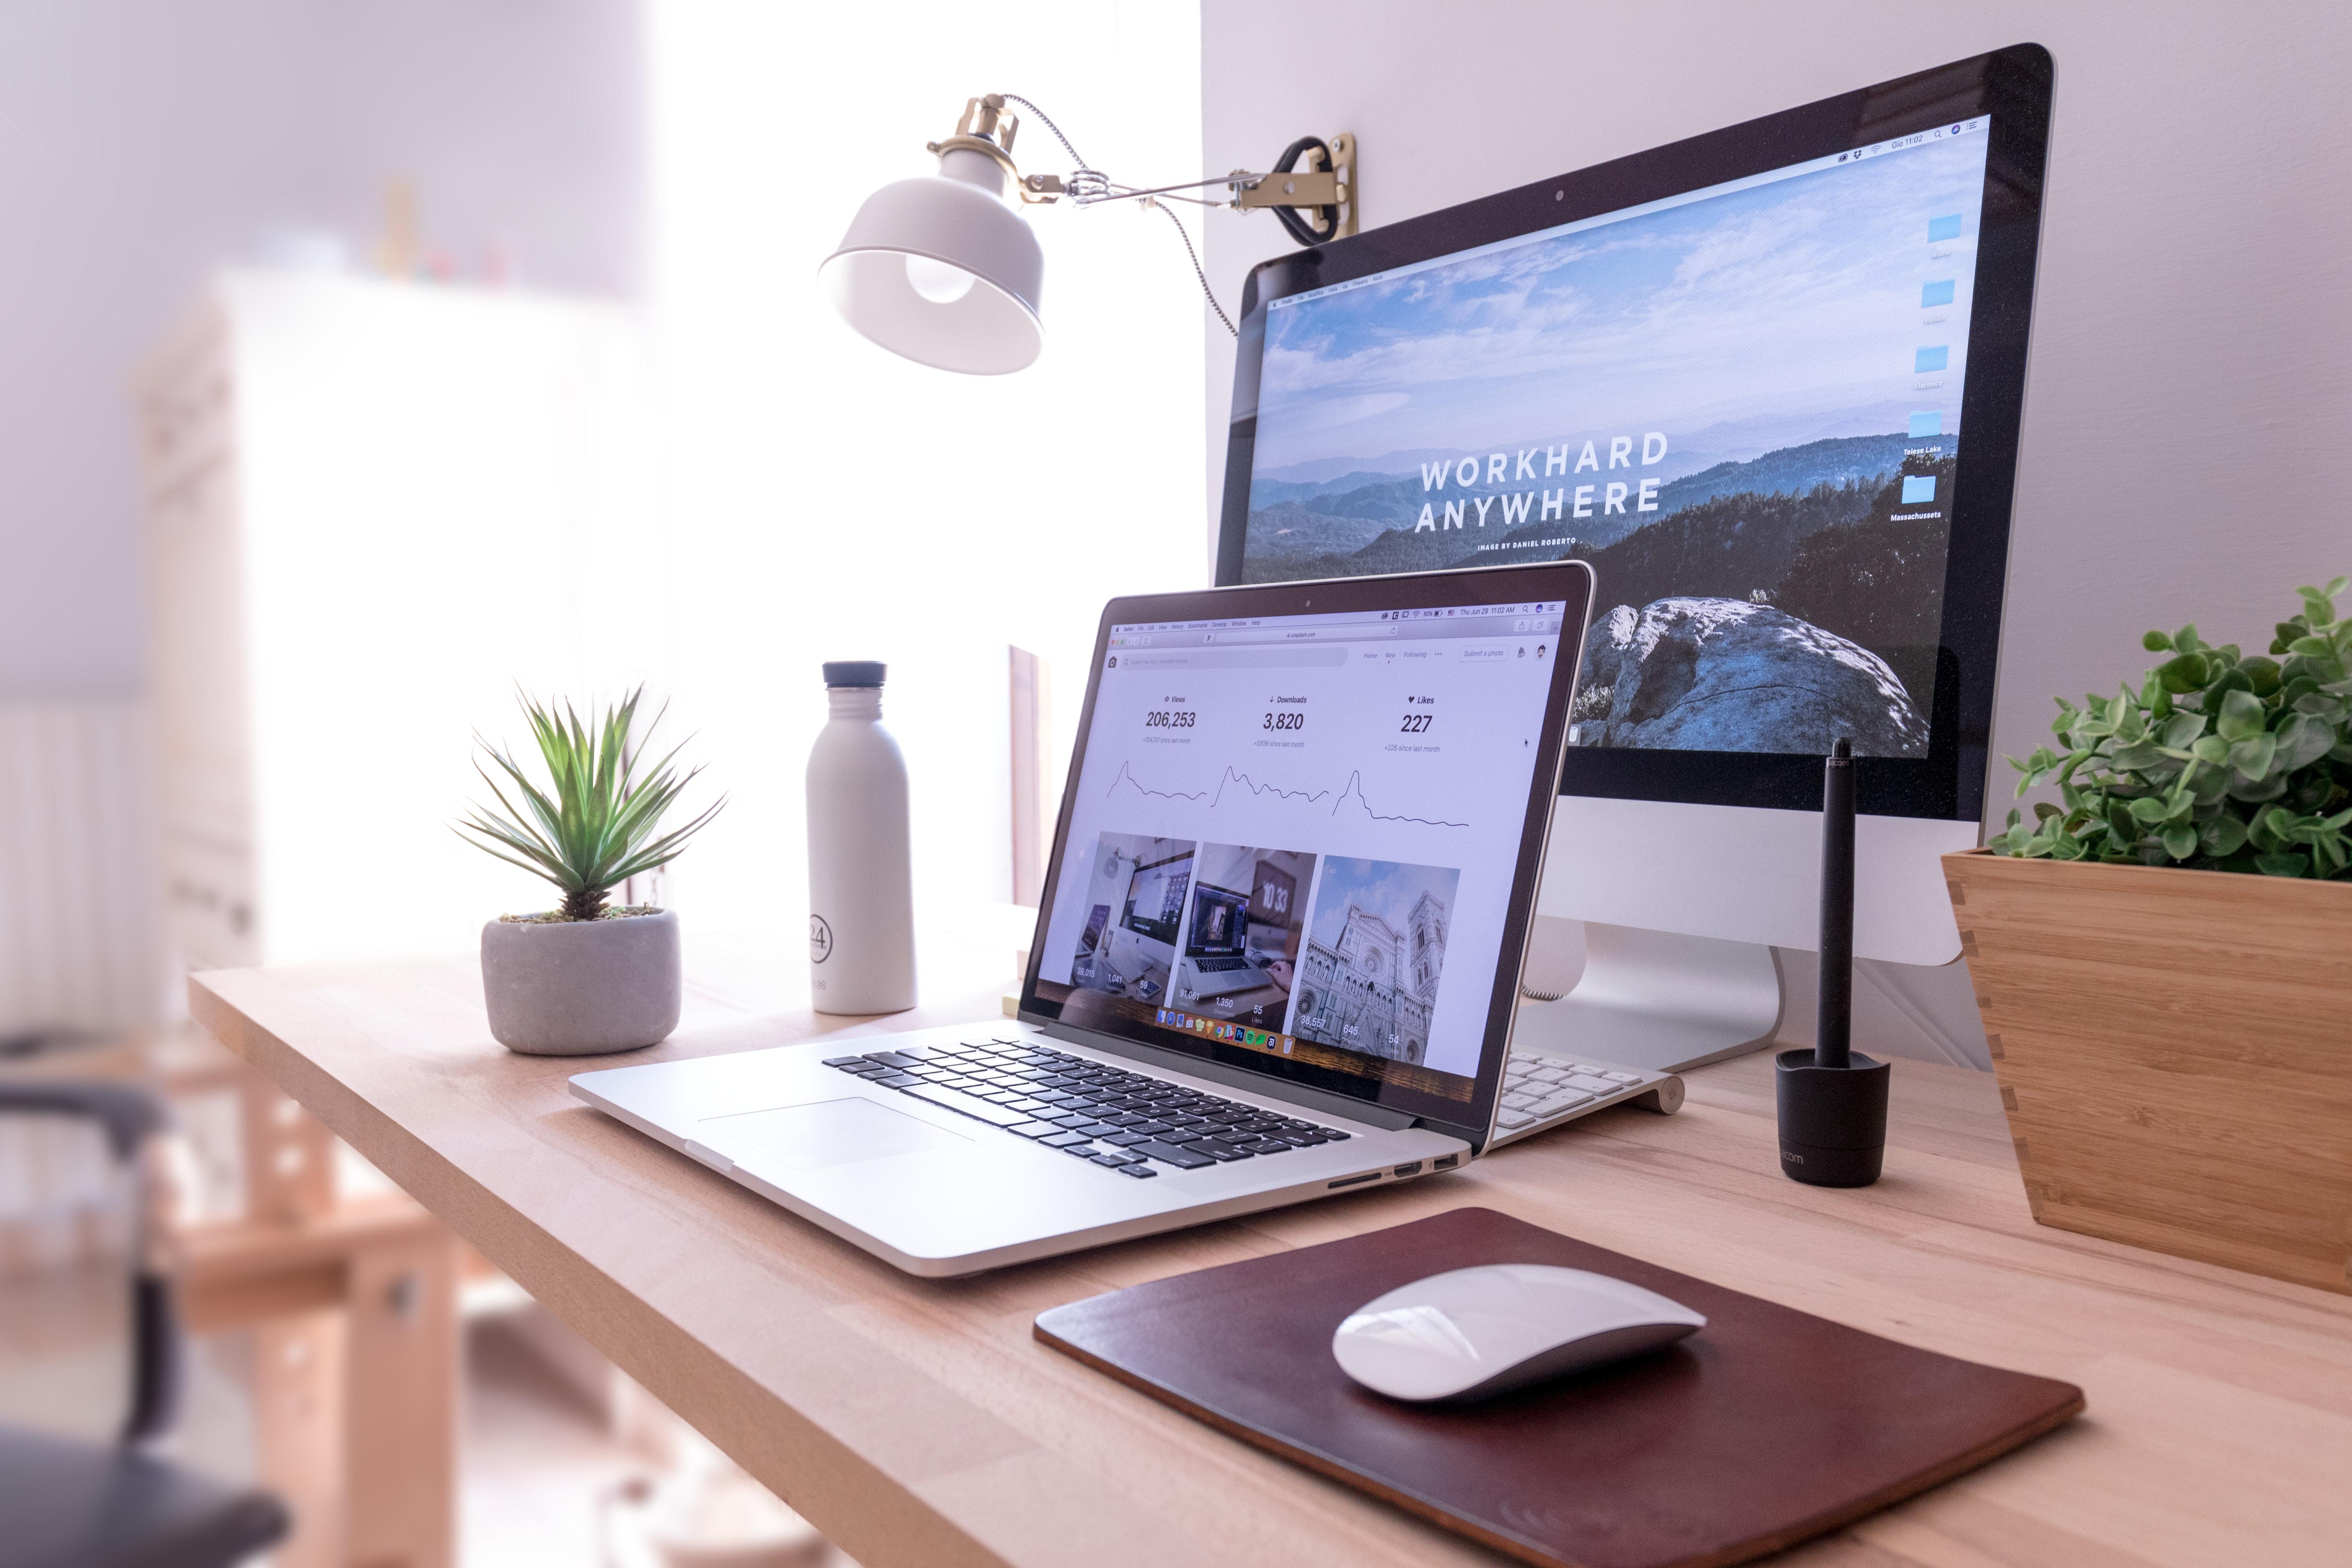 desktop with desktop and laptop computers